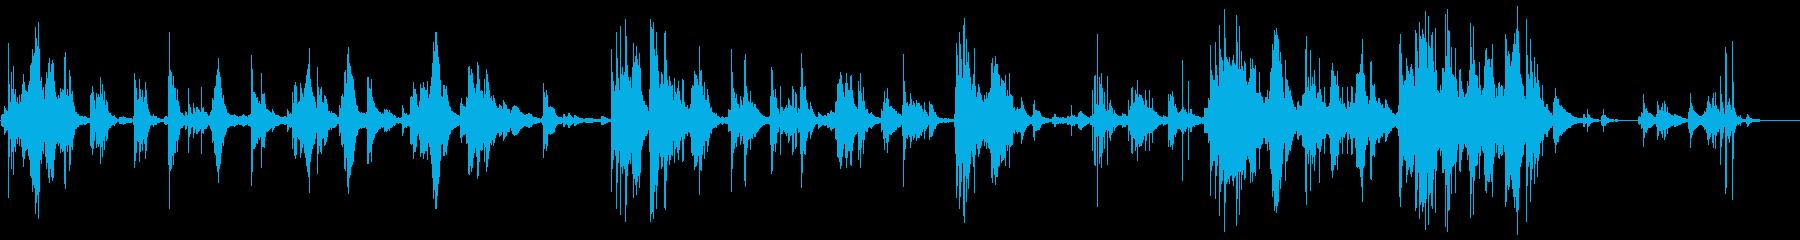 「茶摘」をロマンチックなピアノアレンジでの再生済みの波形